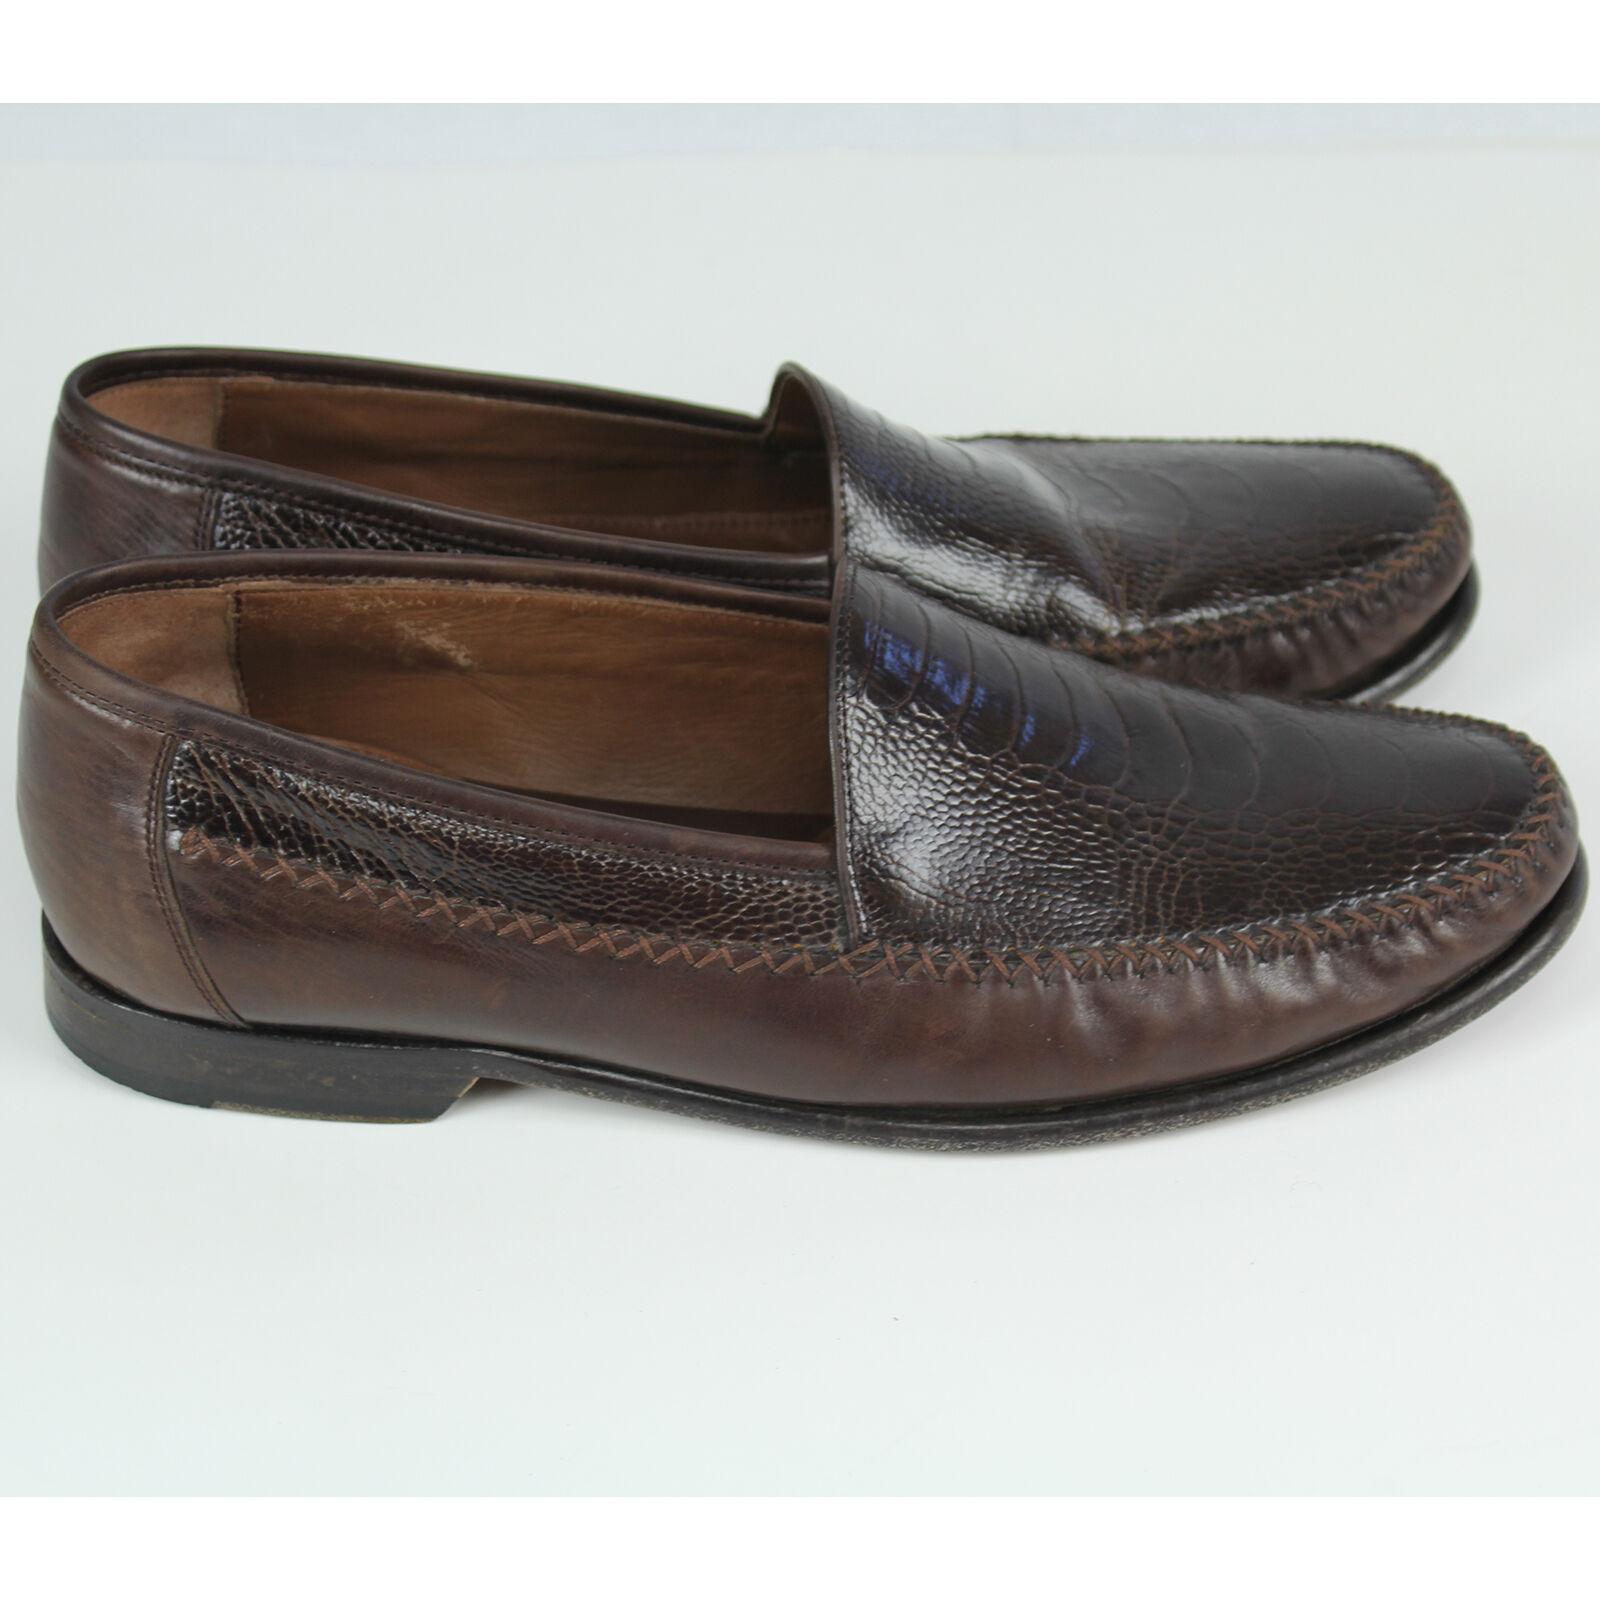 outlet online economico Johnston & Murphy Murphy Murphy Uomo Boval Venetian Slip-on Dress scarpe Sz 10.5 10 1 2 EUC  160  in vendita online